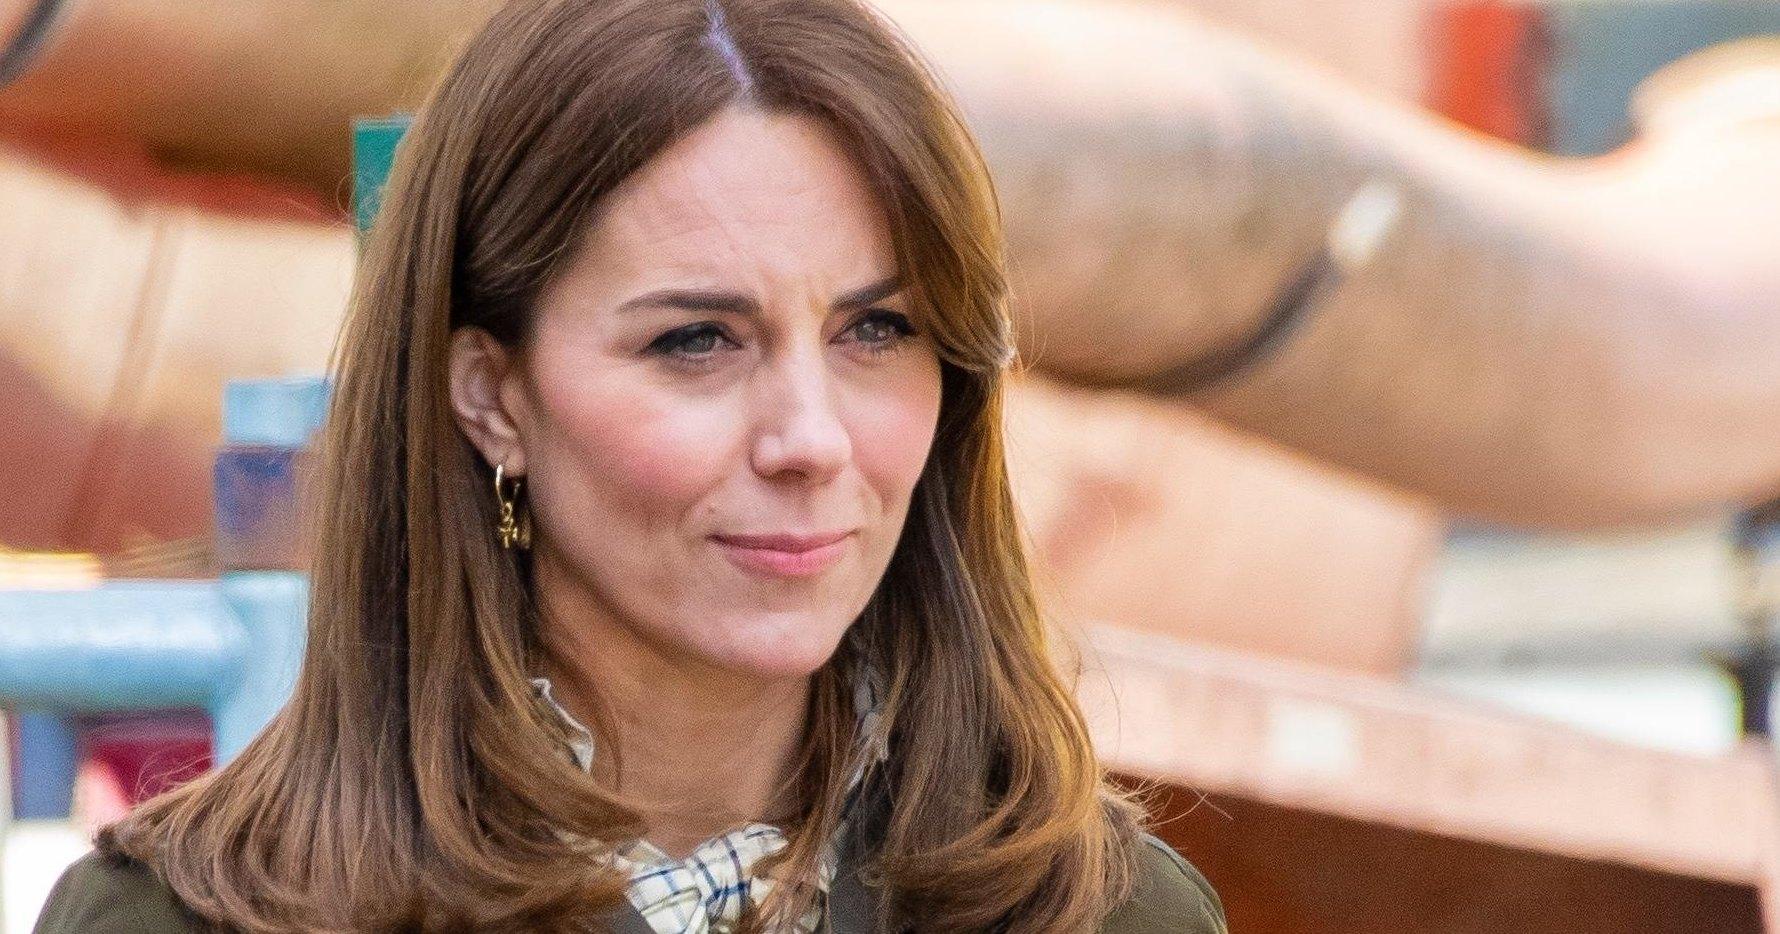 Кейт Миддлтон рассказала о новых увлечениях принца Джорджа и принцессы Шарлотты